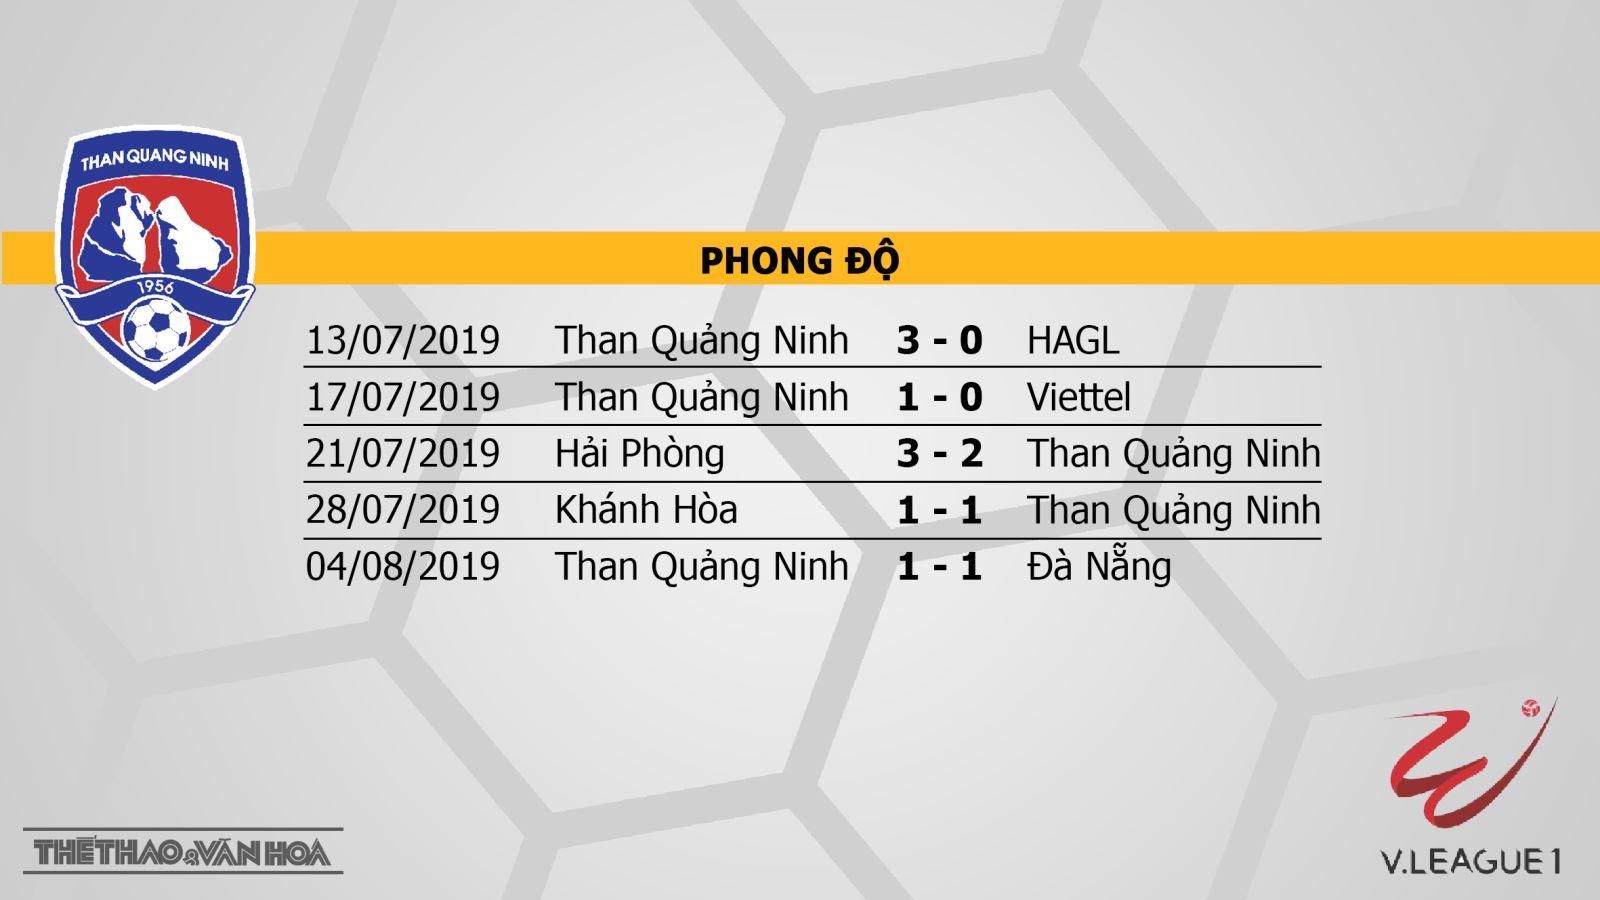 VTV6, VTV5, trực tiếp bóng đá, Than Quảng Ninh vs Nam Định, truc tiep bong da, Than Quảng Ninh đấu với Nam Định, soi kèo bóng đá, truc tiep bong da hôm nay, V League, BĐTV, xem bóng đá trực tuyến